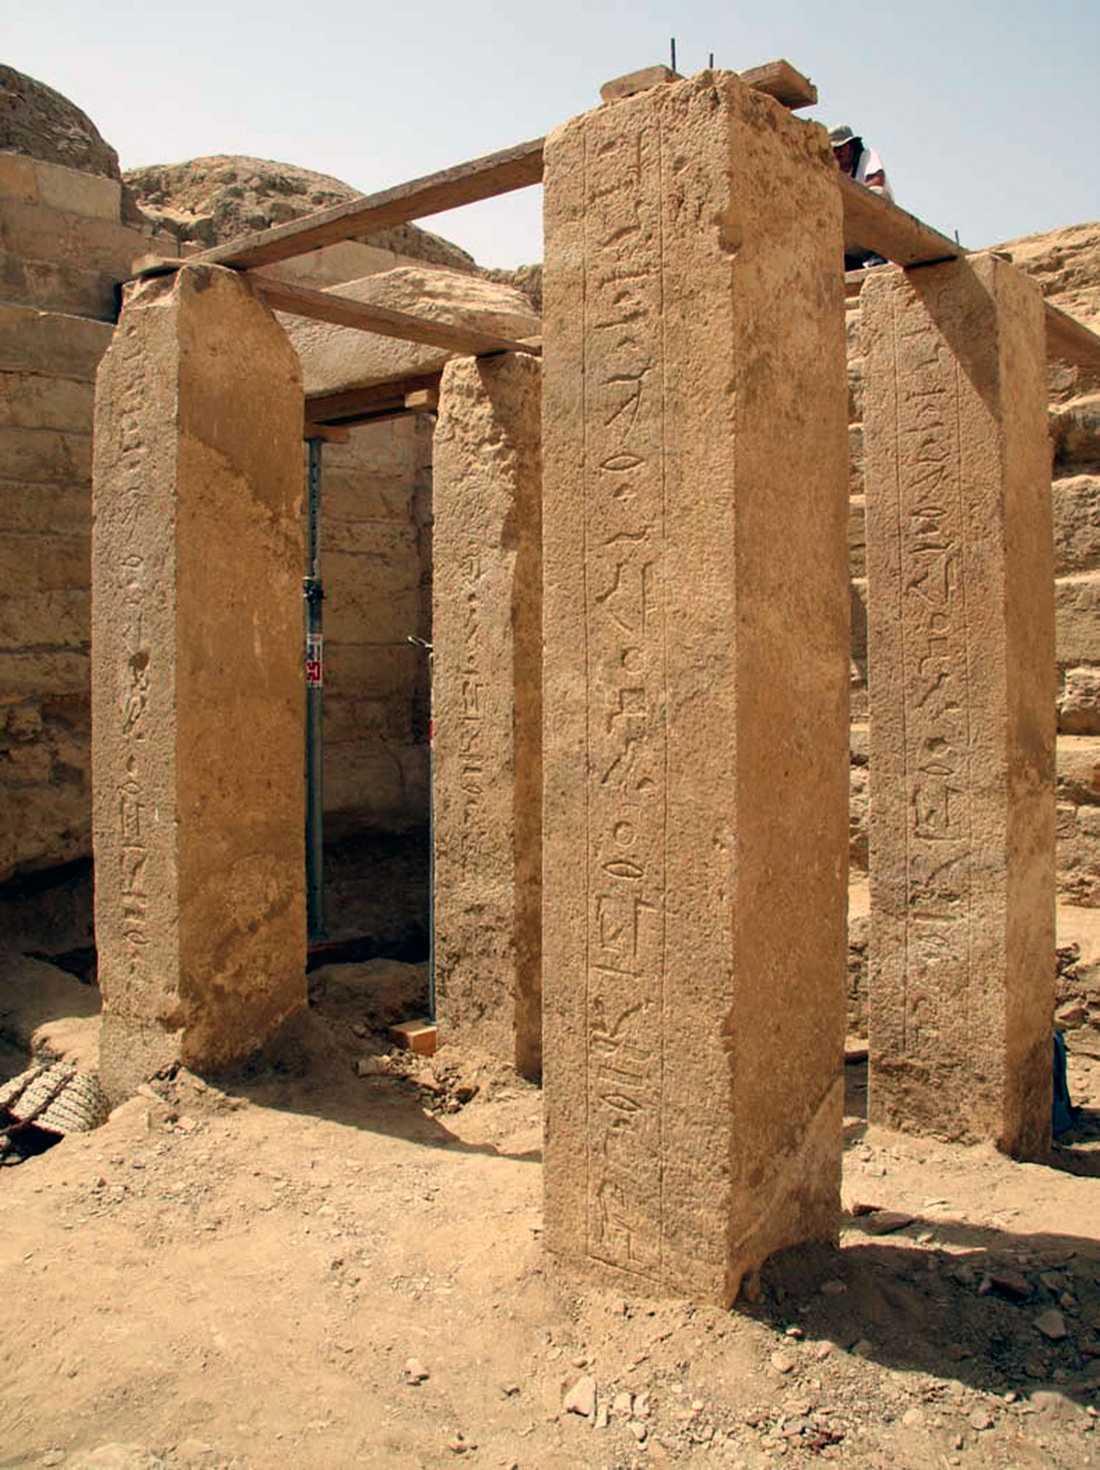 Bild från Abu Sir, där många faraoniska gravar hittats.